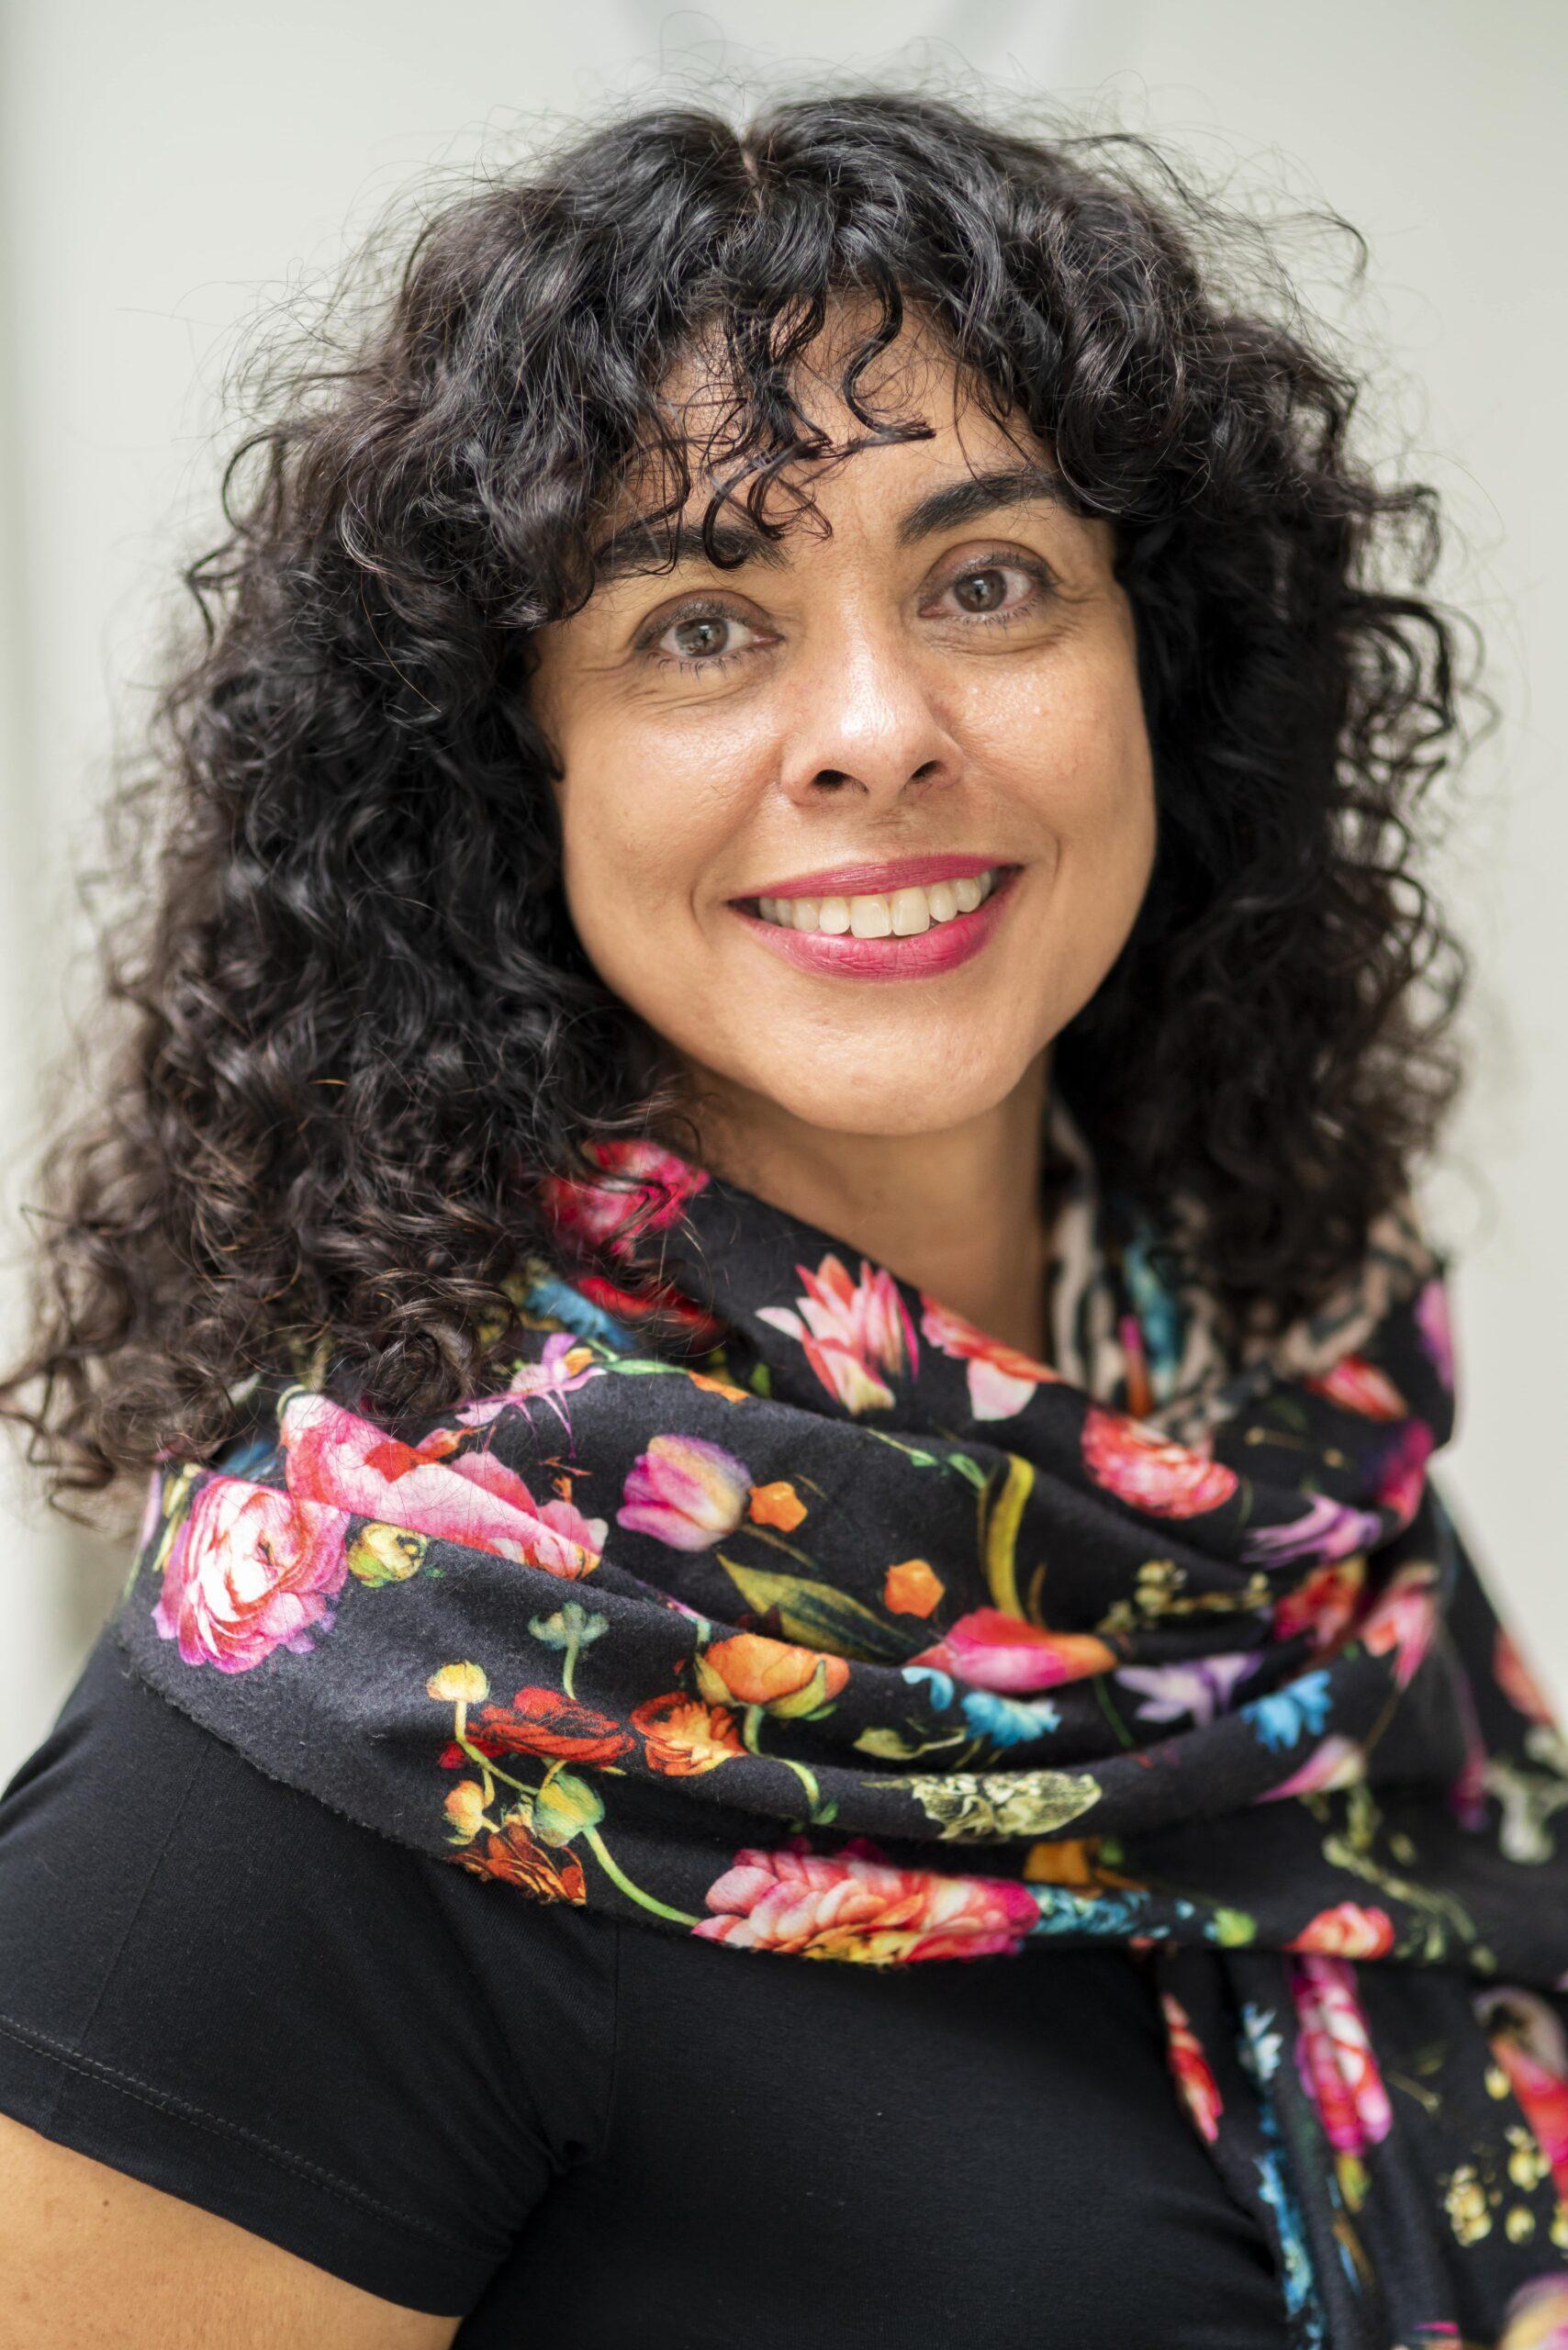 Pamela Veldema